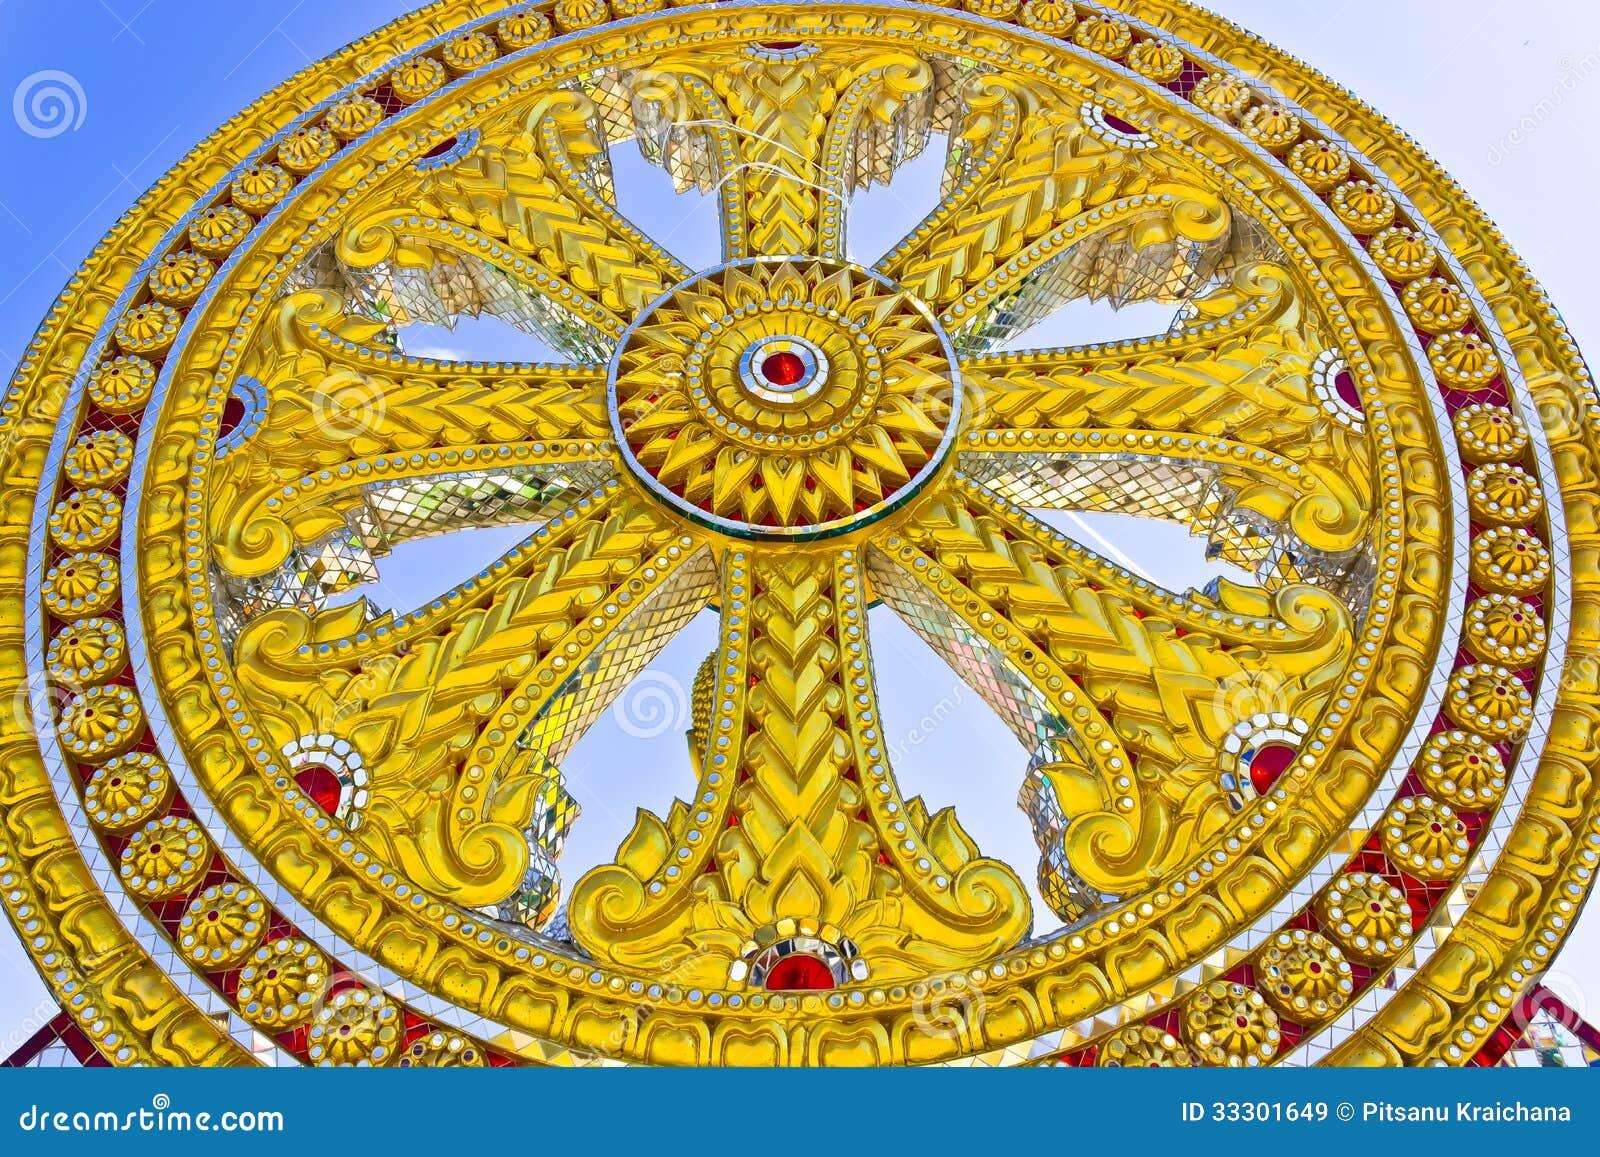 Symbool van Boeddhisme.